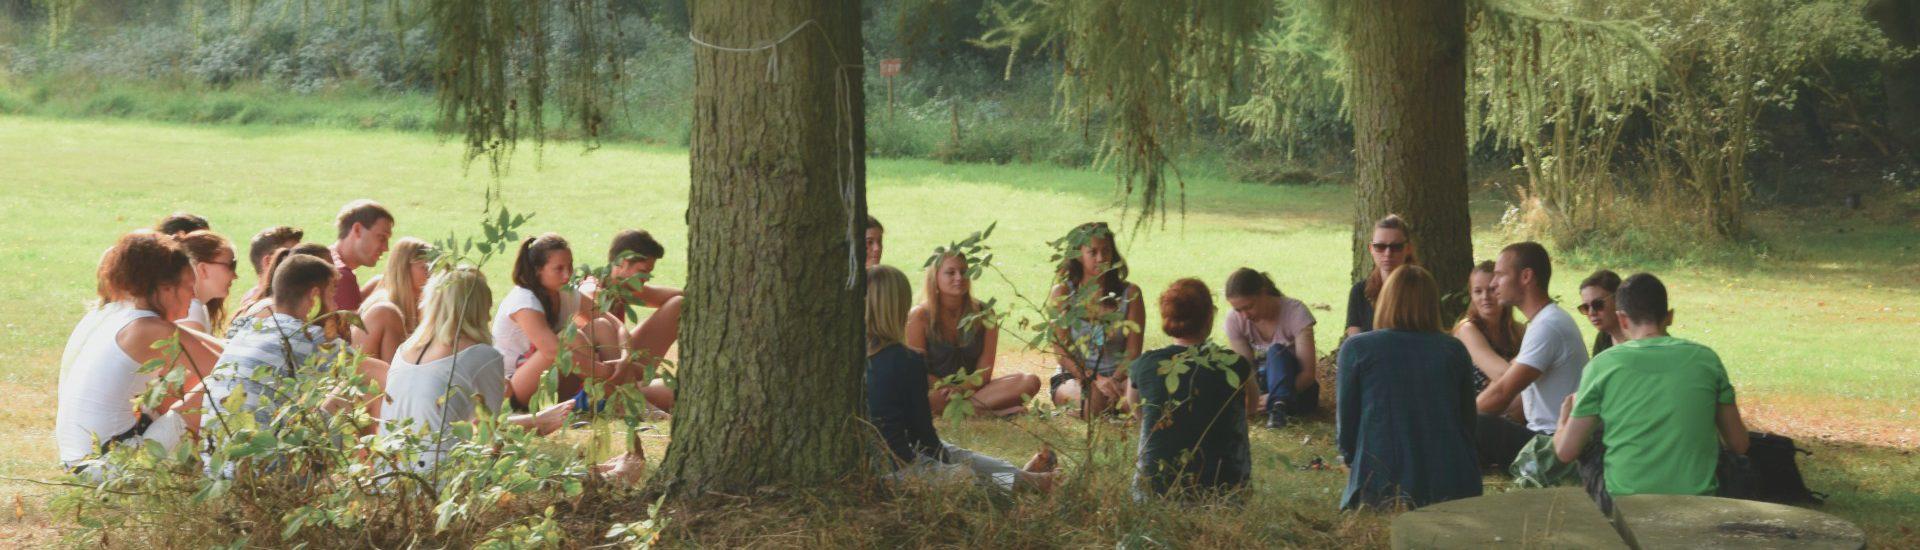 Teilnehmer des Sommerjung Camps einem Ferienlager für Erwachsene